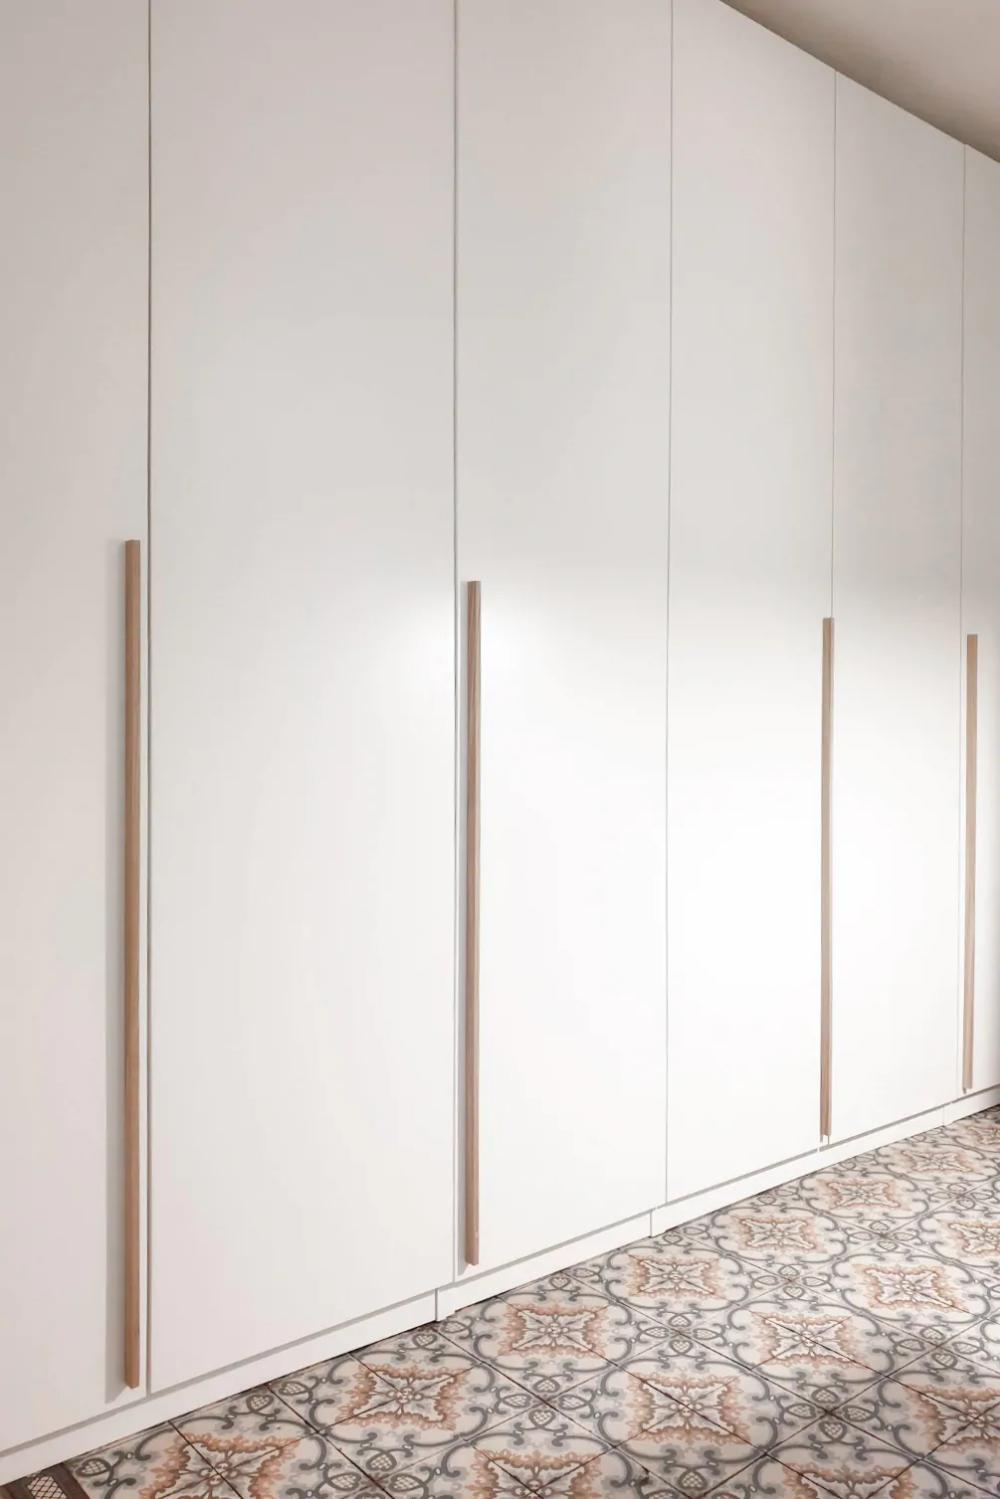 Gepimpte Pax Kastenwand Einbauschrank Gepimpte Kastenwand Pax In 2020 Einbauschrank Ikea Schrankturen Schrank Design